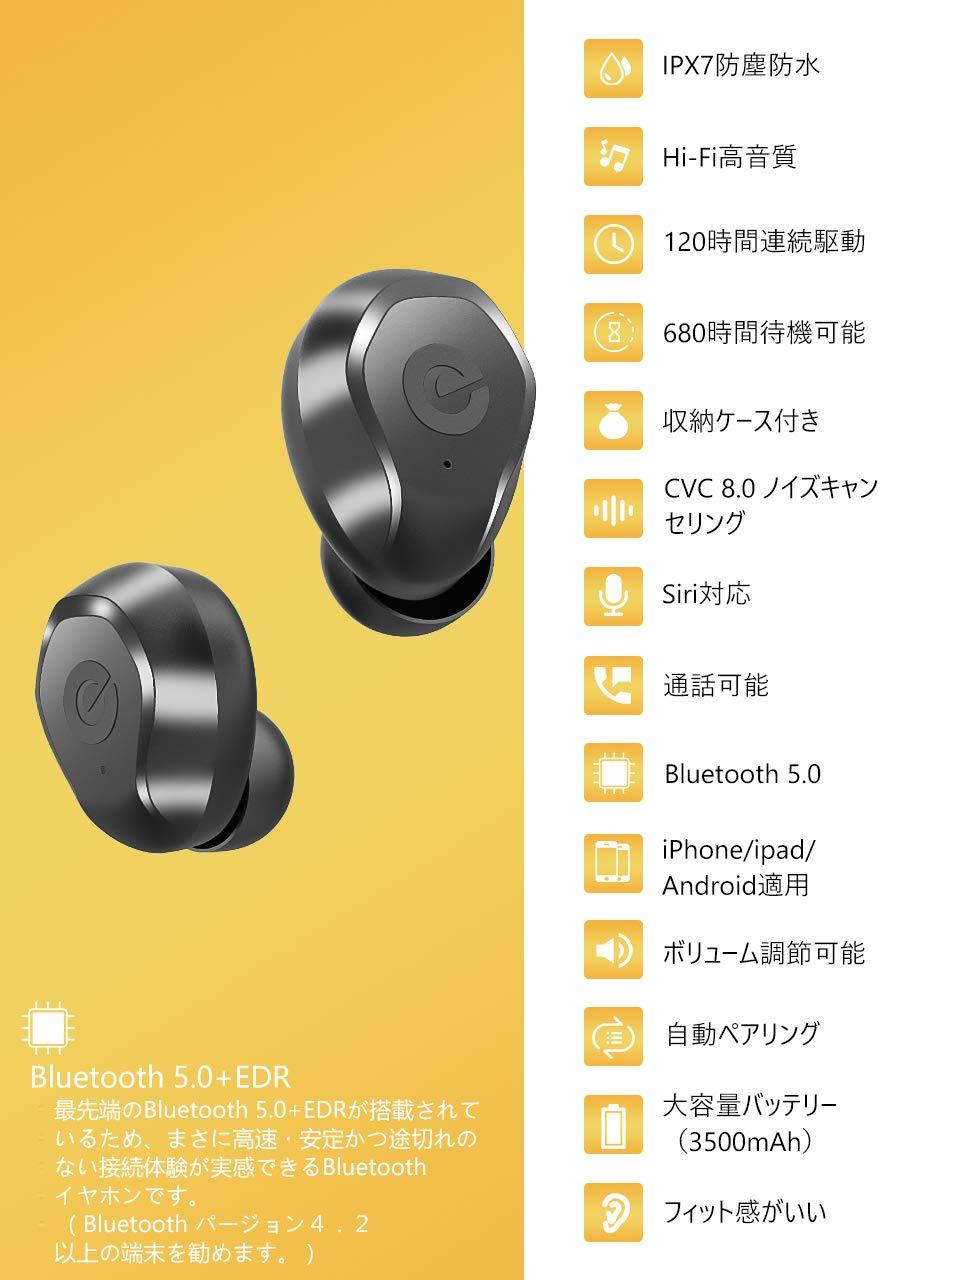 【120時間連続駆動 IPX7完全防水】Bluetooth イヤホン